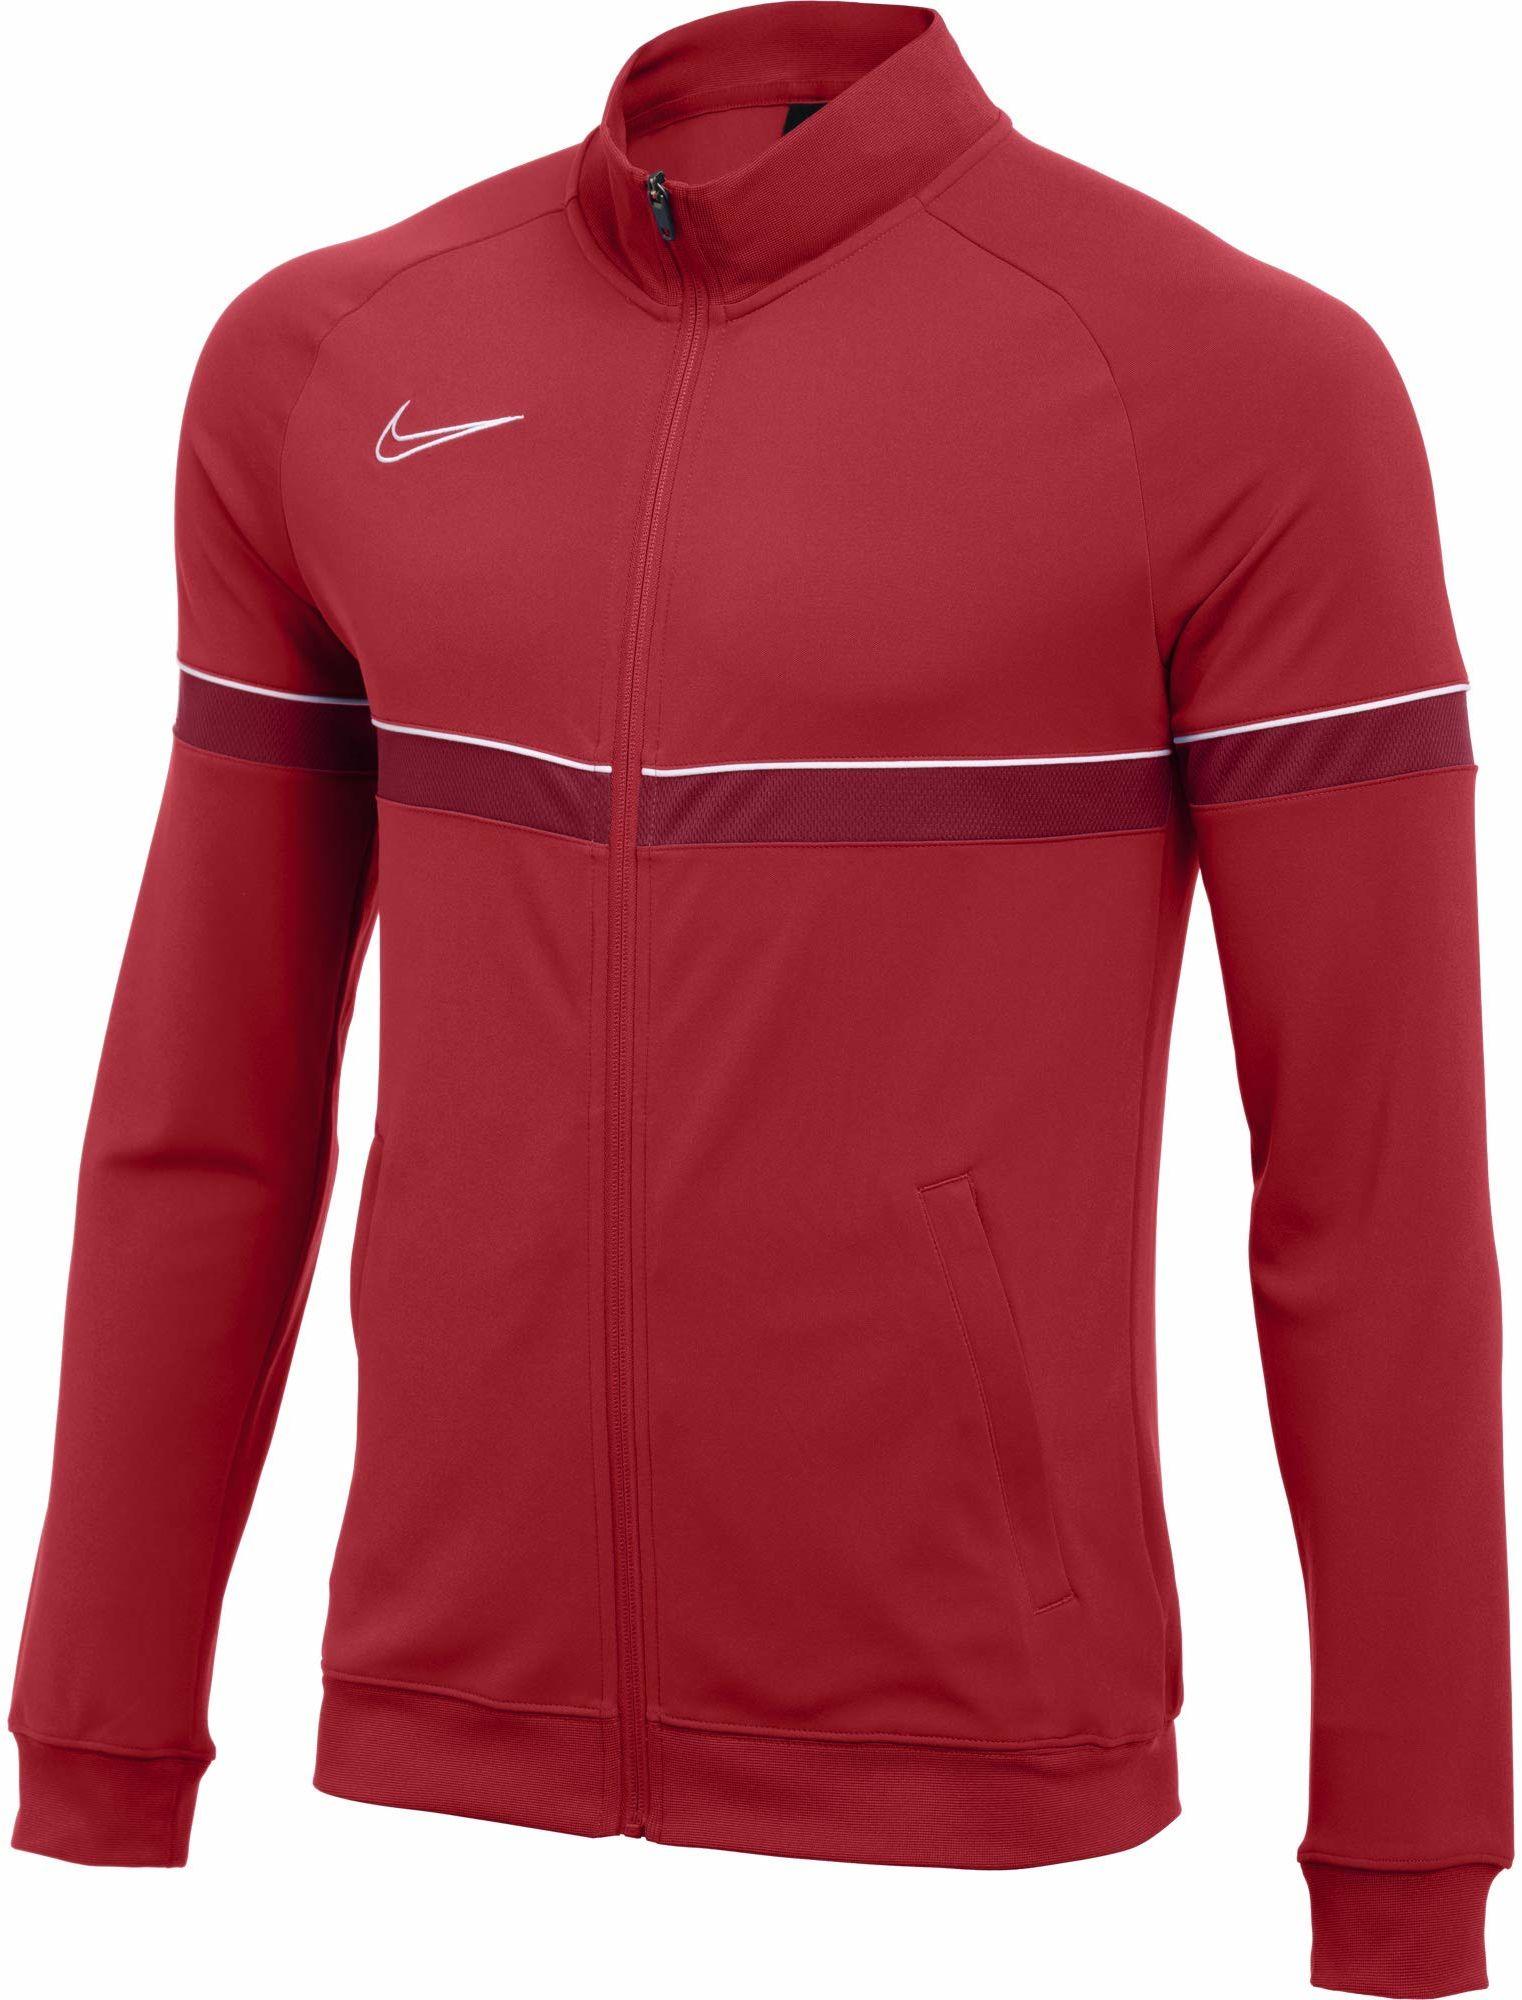 Nike Męska kurtka Dri-FIT Academy 21, uniwersytet czerwony/biały/siłownia czerwony/biały, L